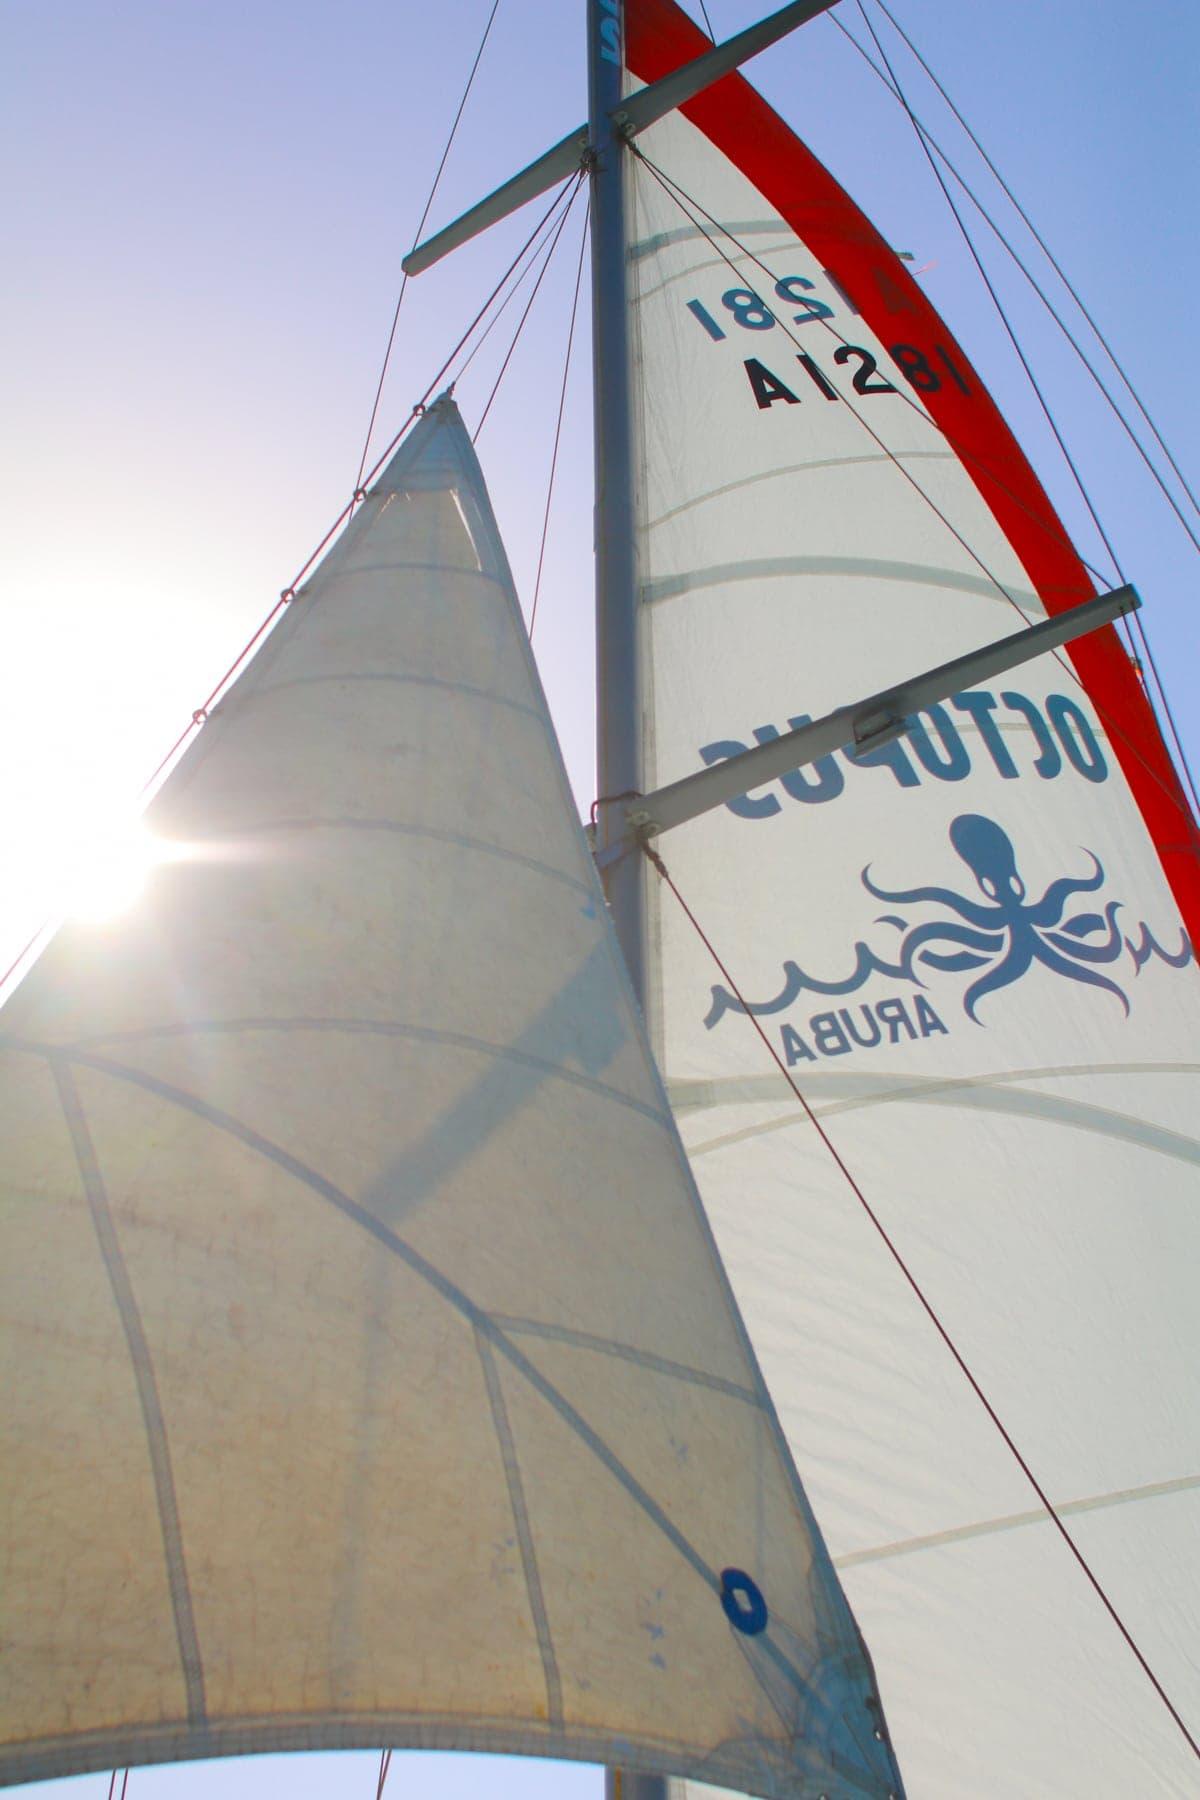 Sail boat sails